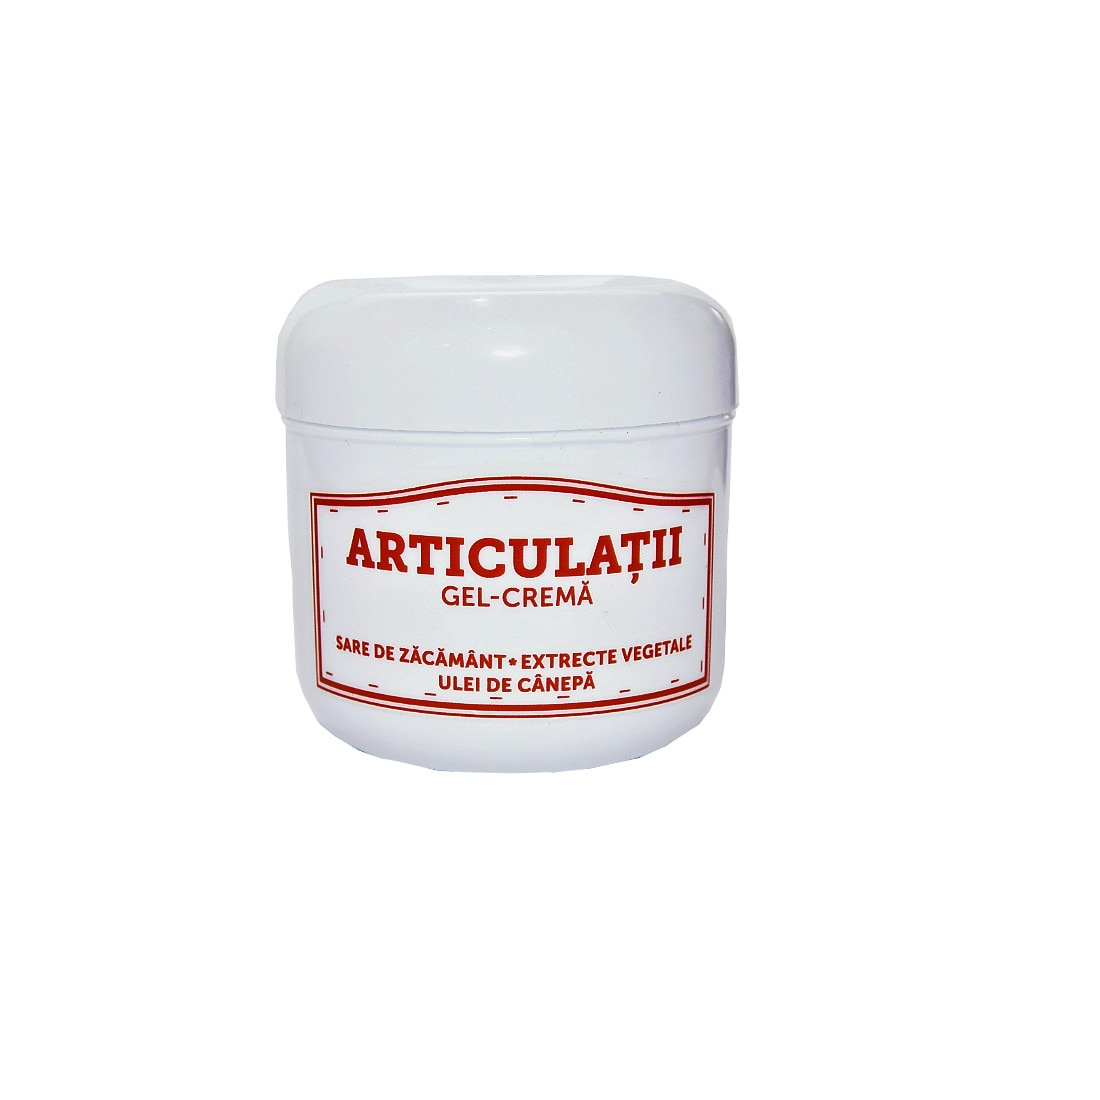 unguent pentru durere în articulații cu propriile mâini medicamente pentru tratamentul artritei articulațiilor mâinilor